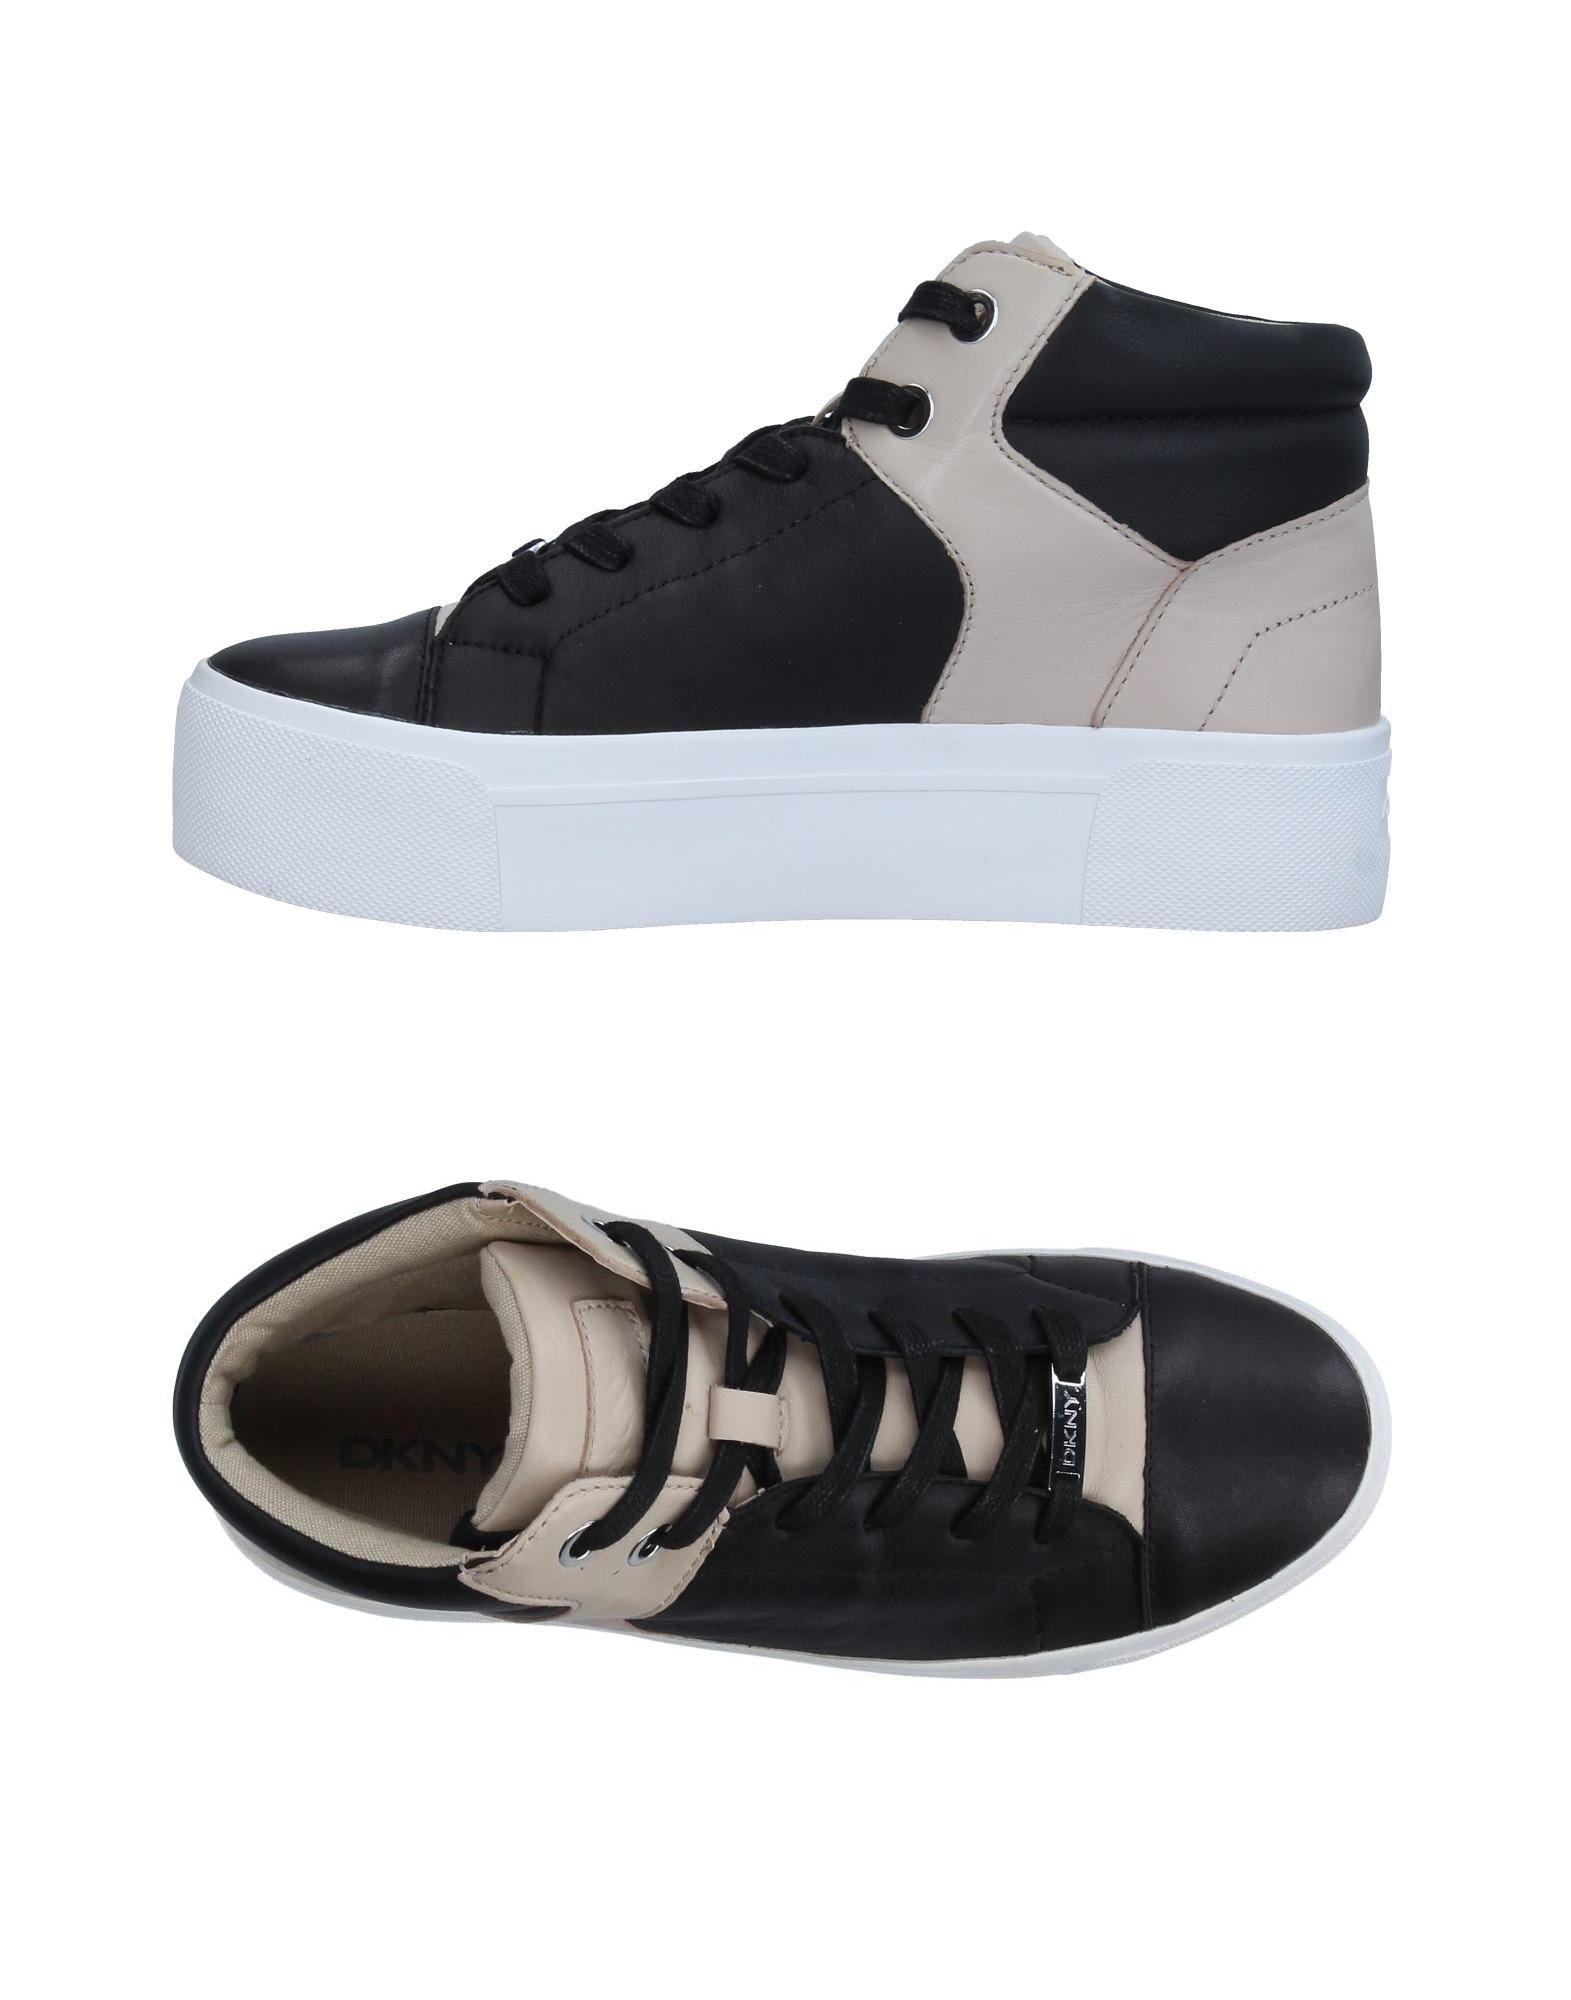 DKNY Высокие кеды и кроссовки кеды кроссовки высокие dc council mid tx stone camo